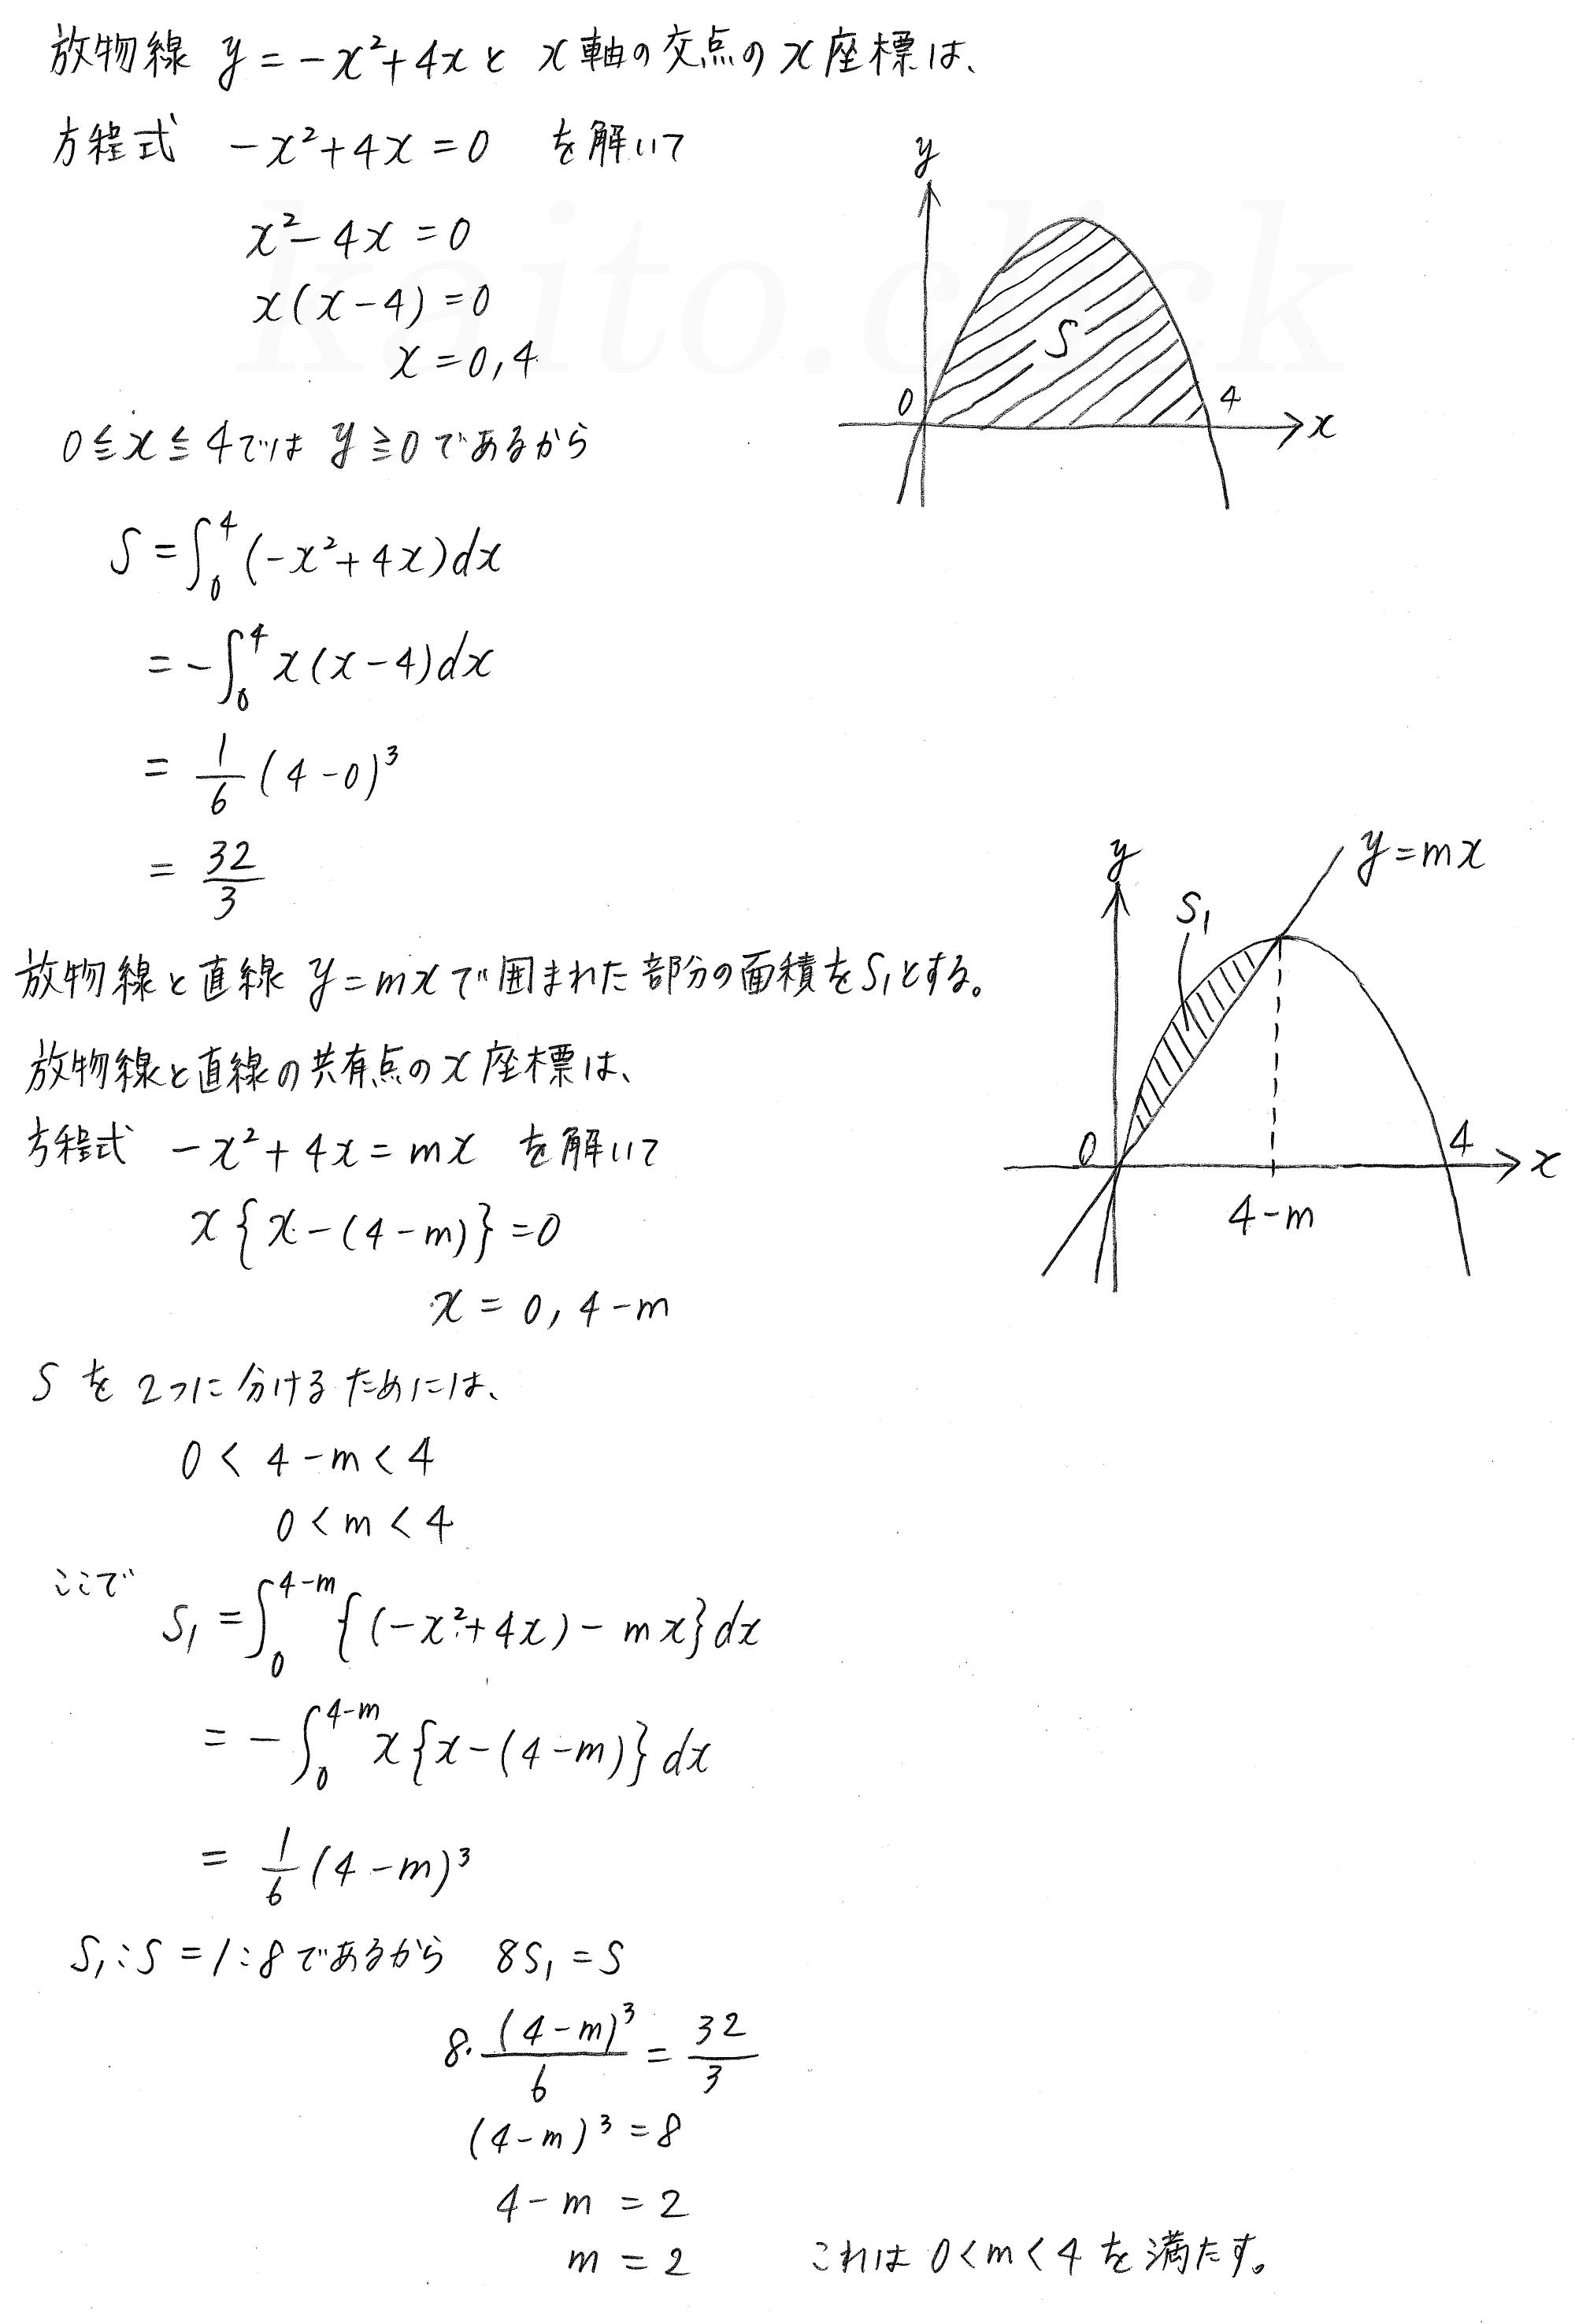 クリアー数学2-484解答